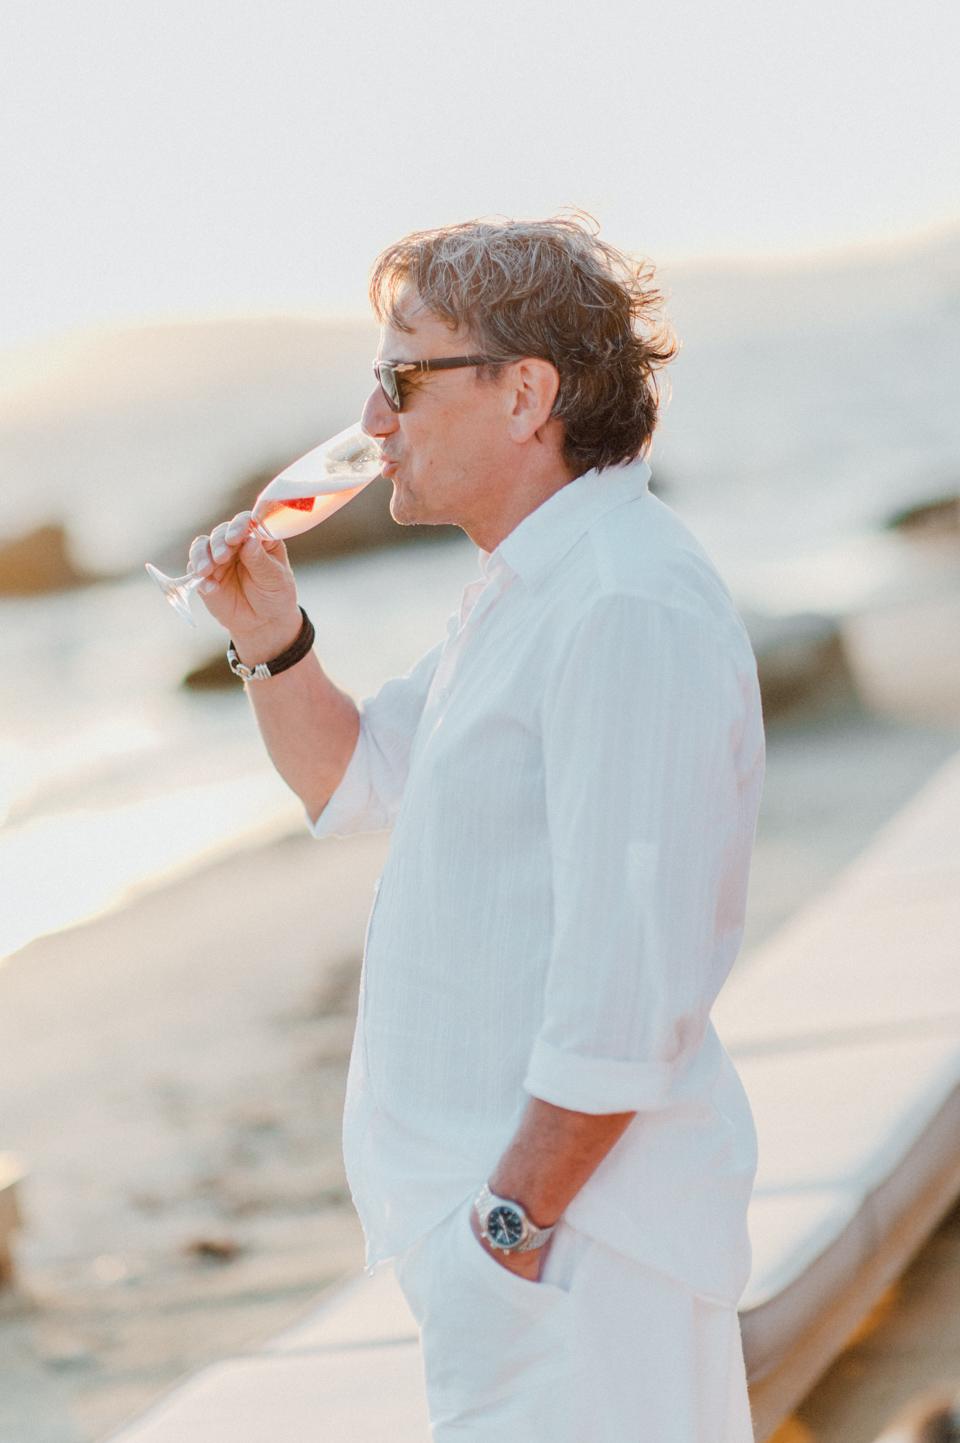 love-wins-beach-wedding-65 Ervin & Ian Love wins. Hochzeit auf Mykonos. Foto & Filmlove wins beach wedding 65